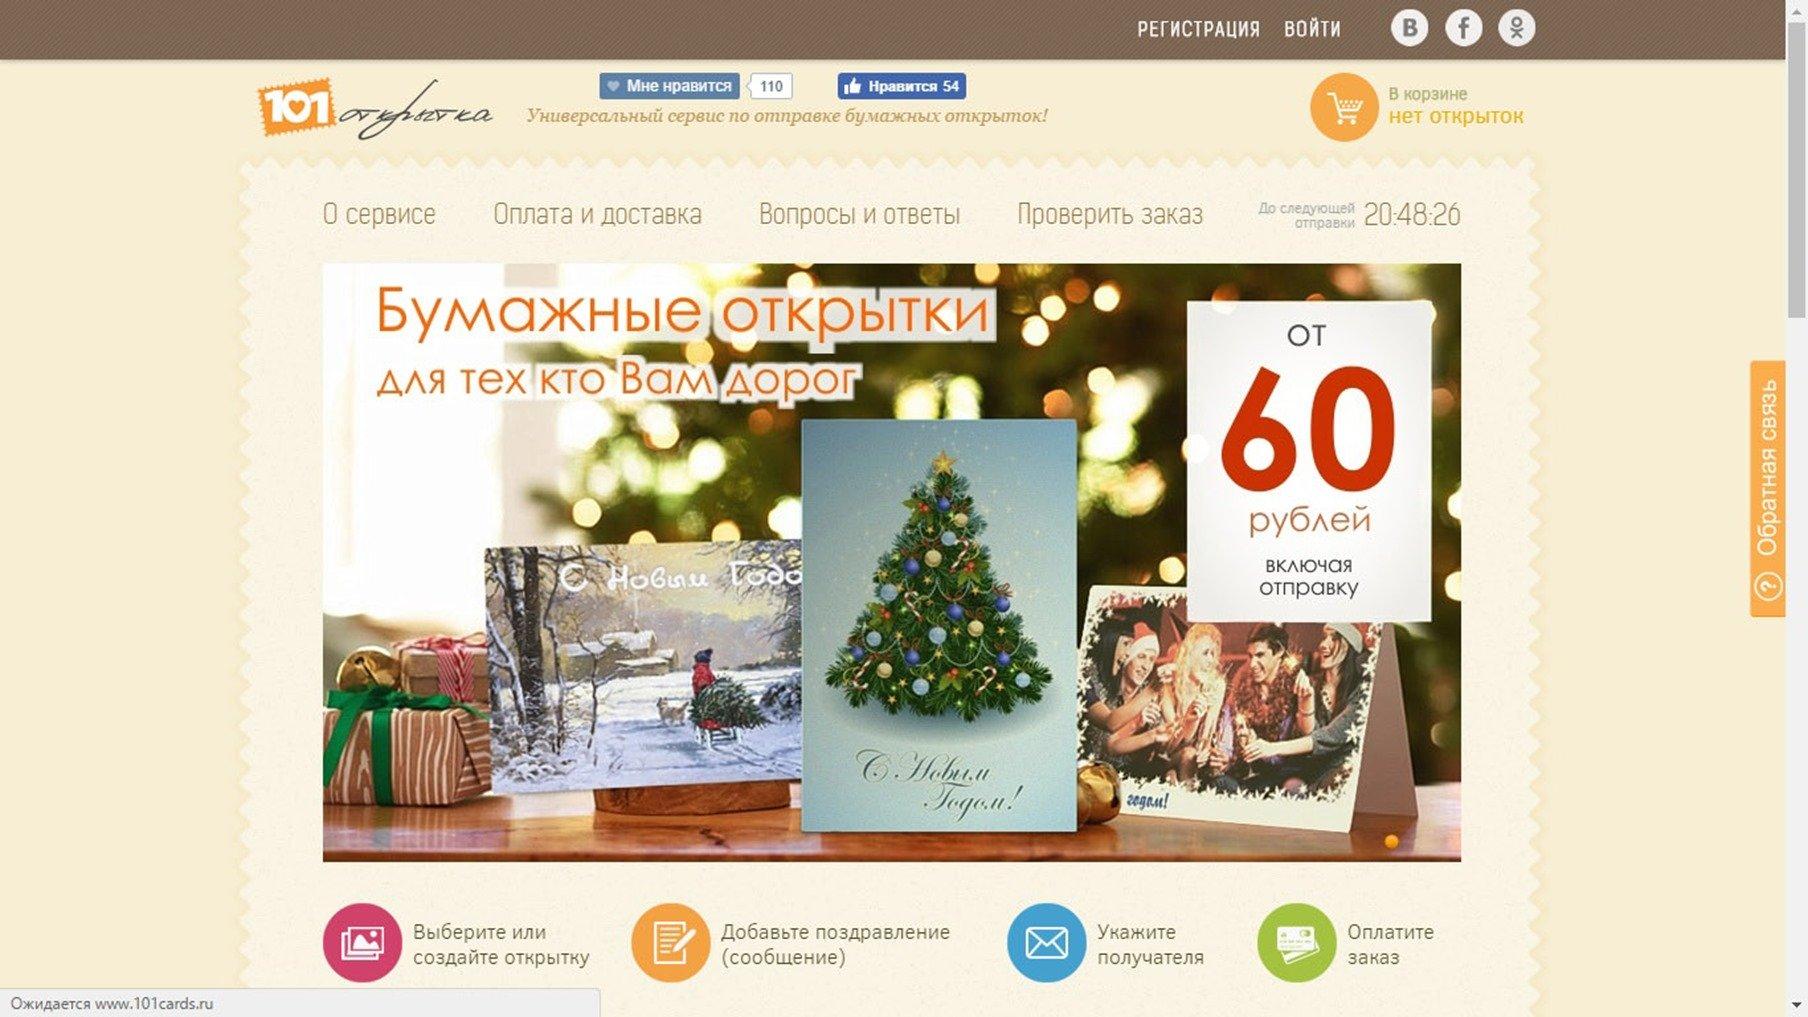 Российский сервис для открыток 101cards